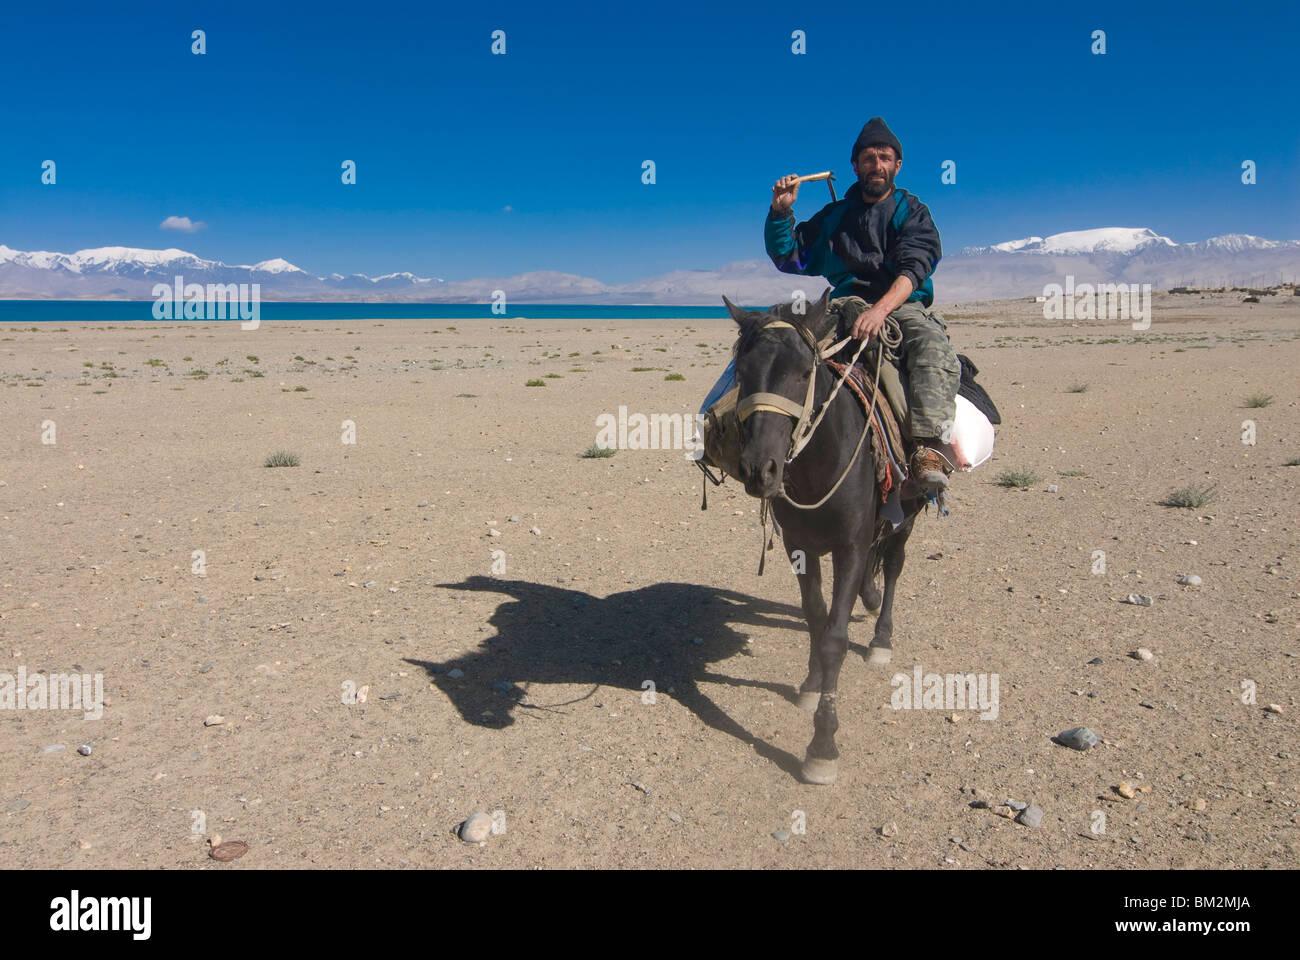 Montando a caballo en el lago Karakul, Karakul, Tayikistán Imagen De Stock